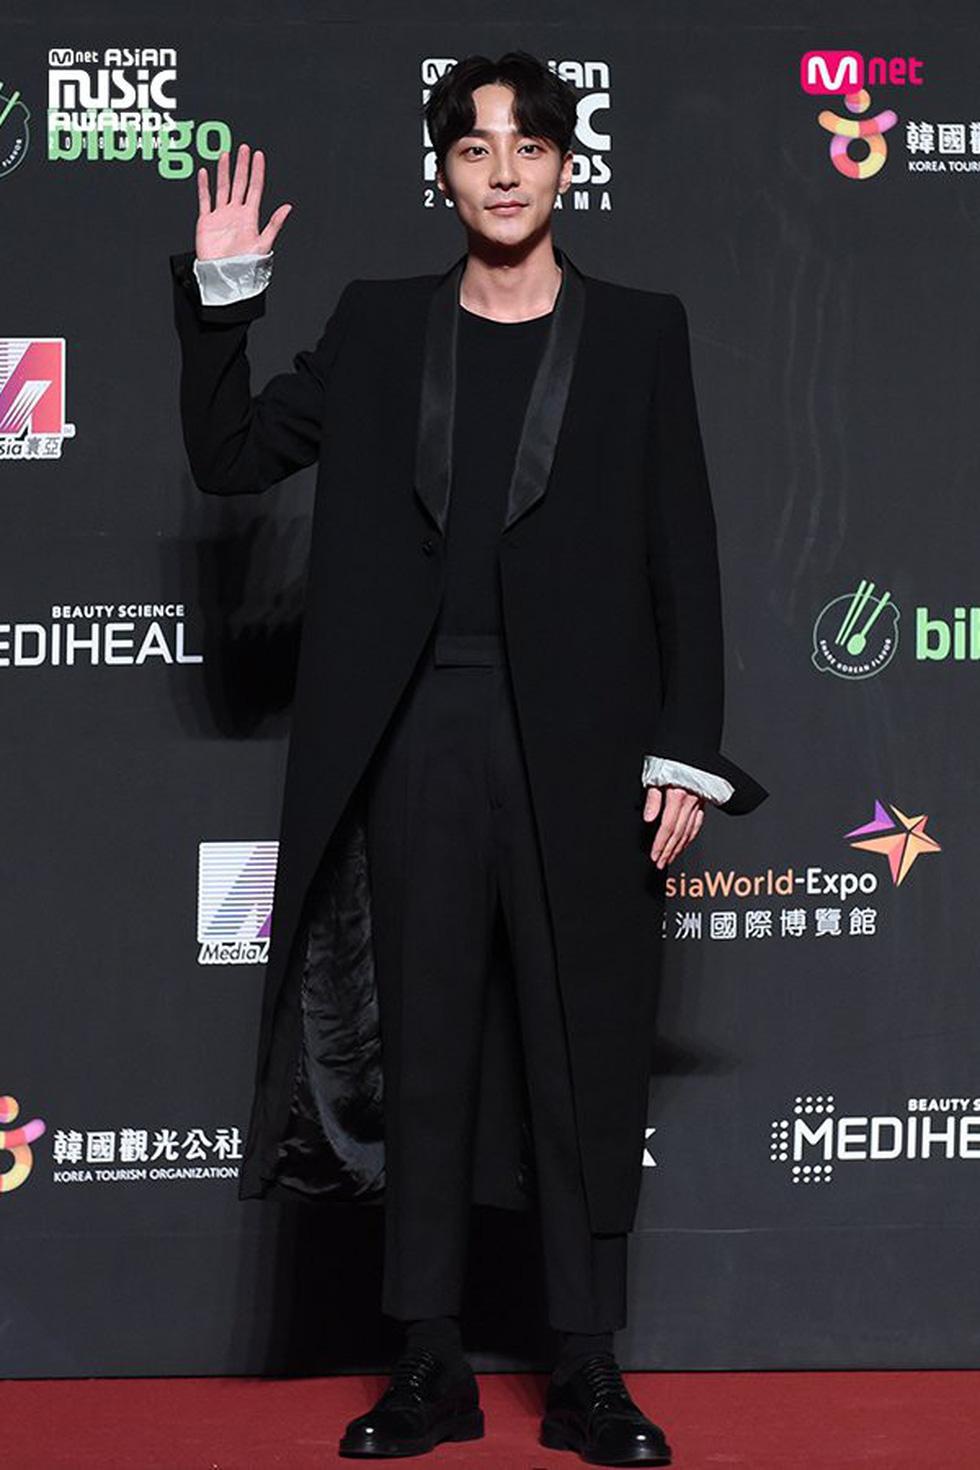 Đêm cuối MAMA 2018: Hương Tràm là nghệ sĩ châu Á xuất sắc nhất - Ảnh 10.